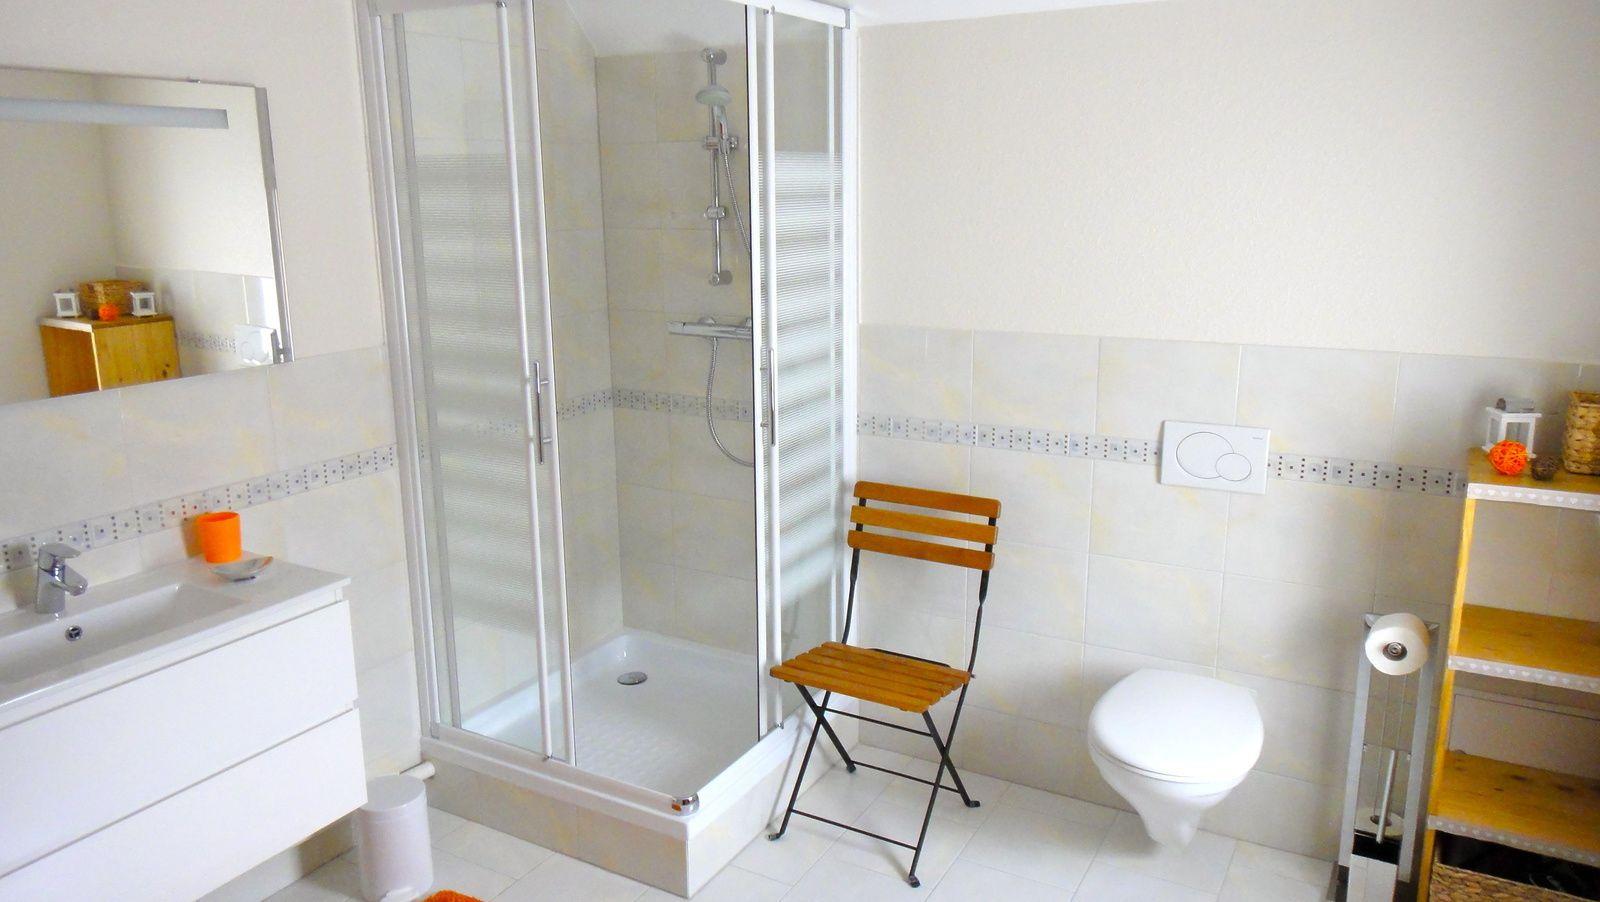 Salle d'eau (7m2) avec douche & WC